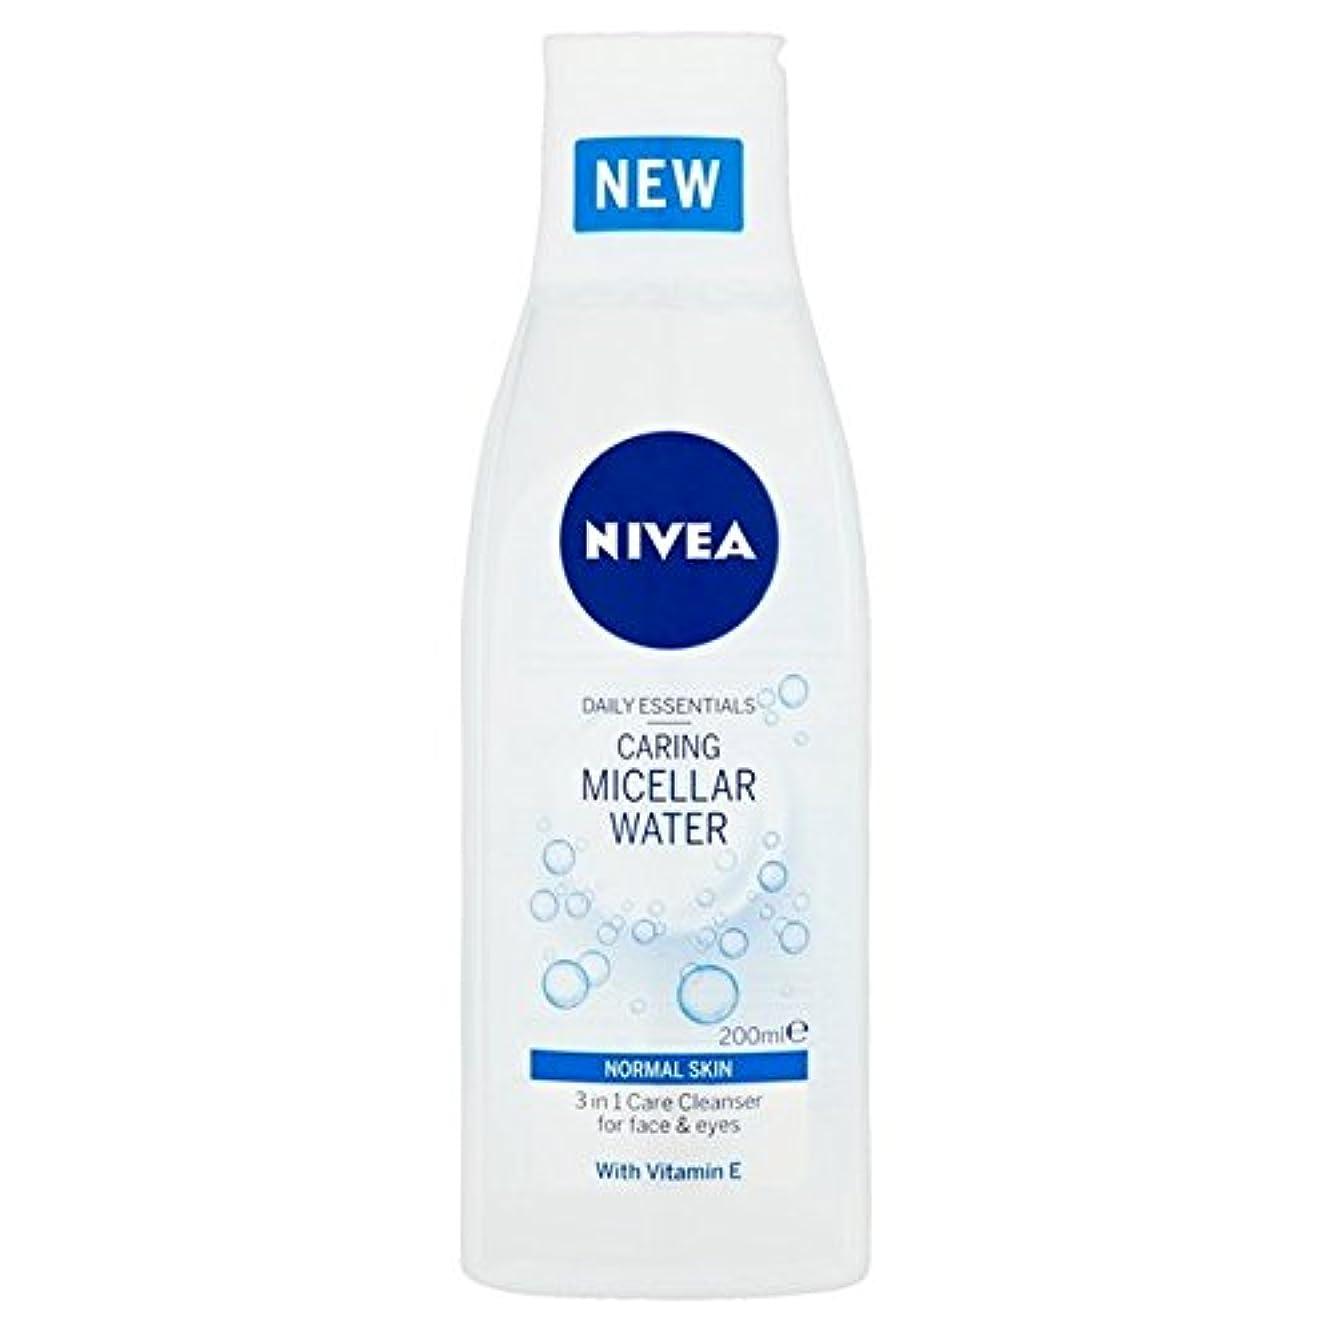 勘違いする実質的に敬の念Nivea 3 in 1 Sensitive Caring Micellar Water Normal Skin 200ml - 1つの敏感な思いやりのあるミセル水の正常な皮膚の200ミリリットルでニベア3 [並行輸入品]